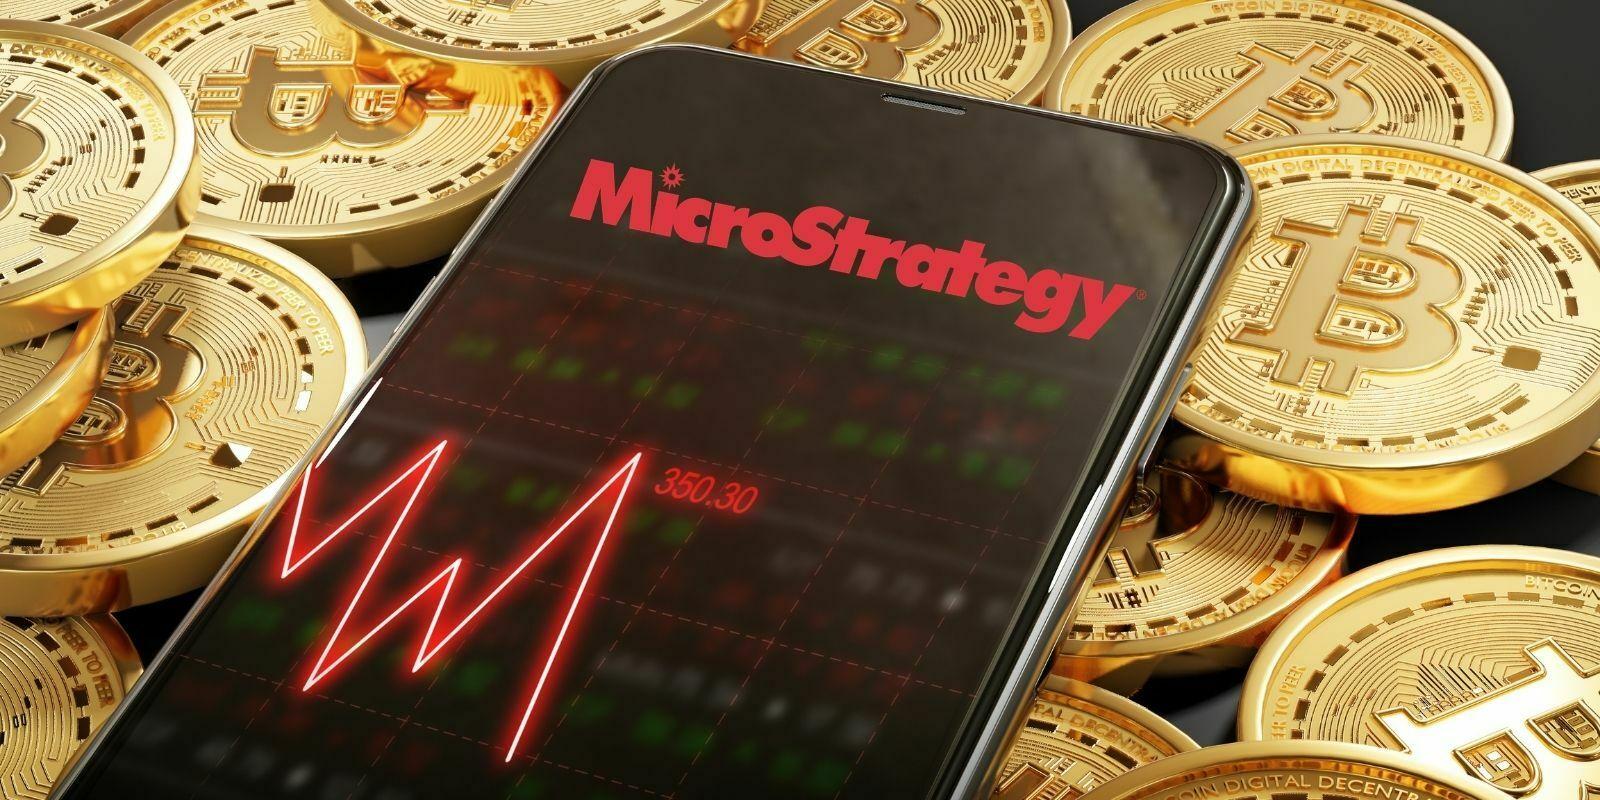 MicroStrategy ne s'arrête plus avec un nouvel achat de 650M$ de Bitcoin (BTC)